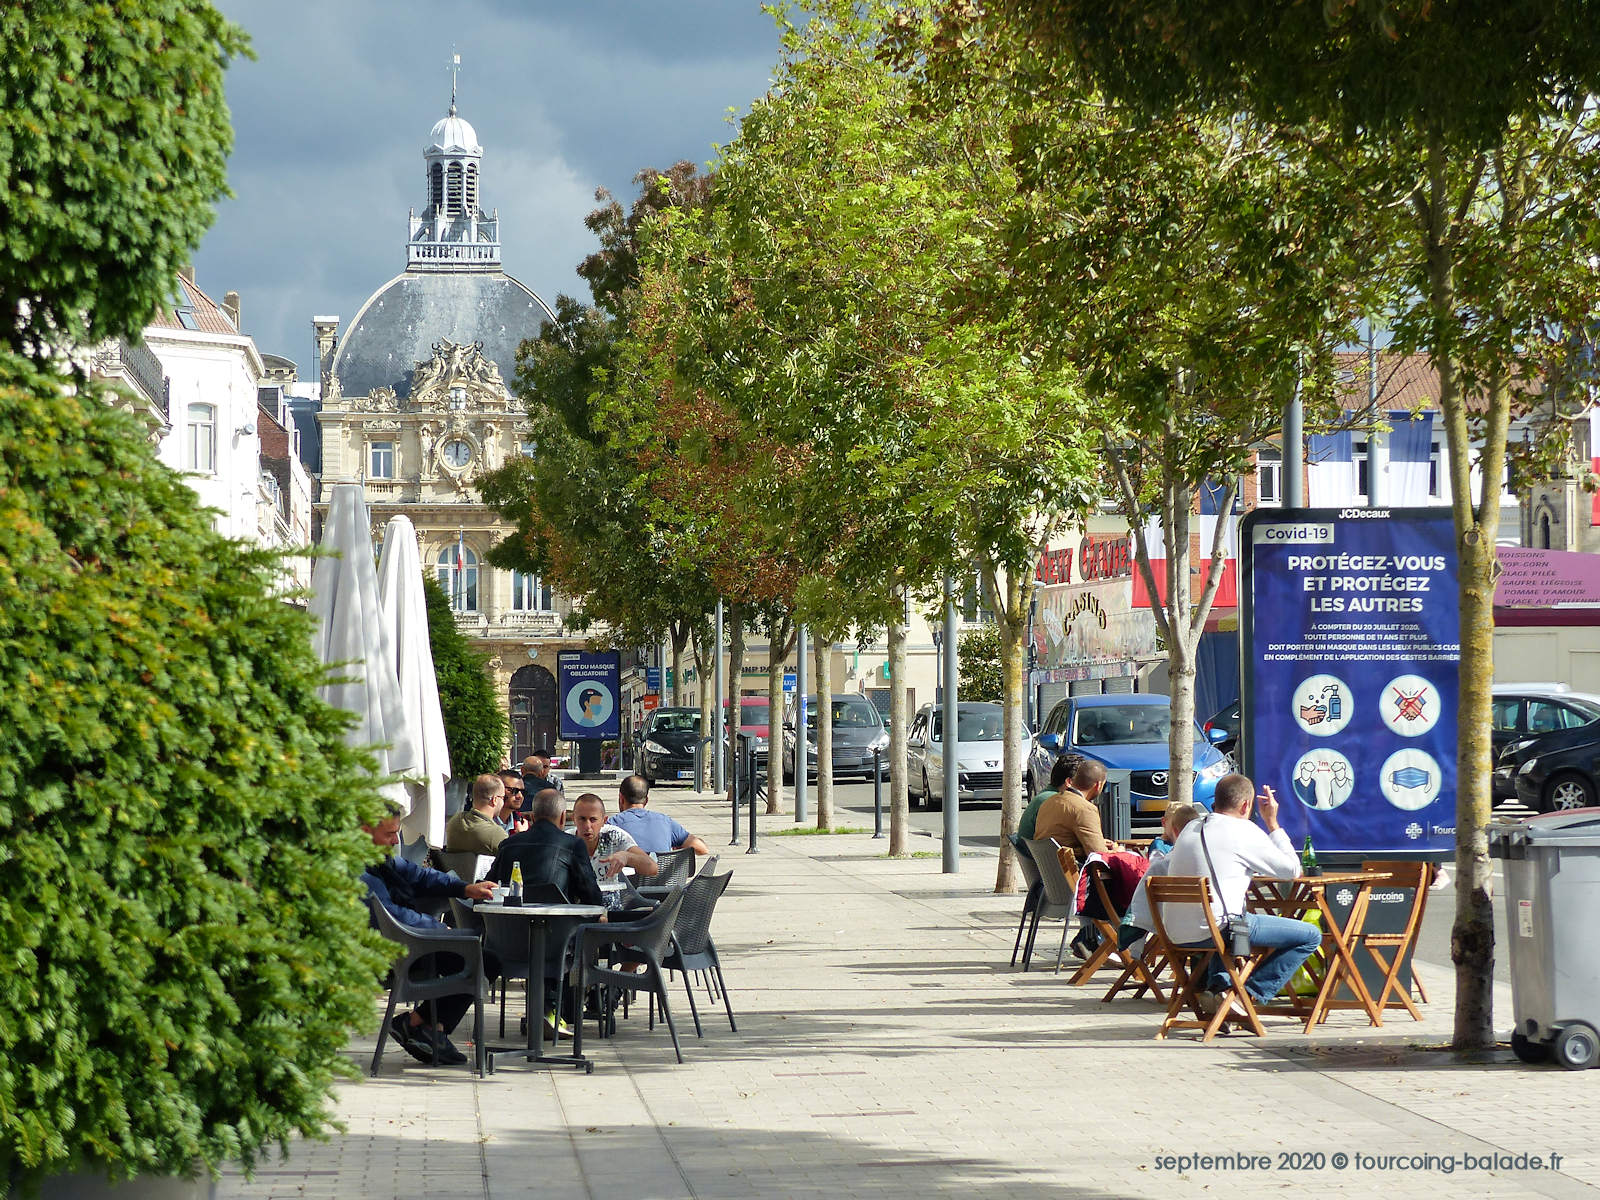 Photographies de Tourcoing 2020, Place de la République